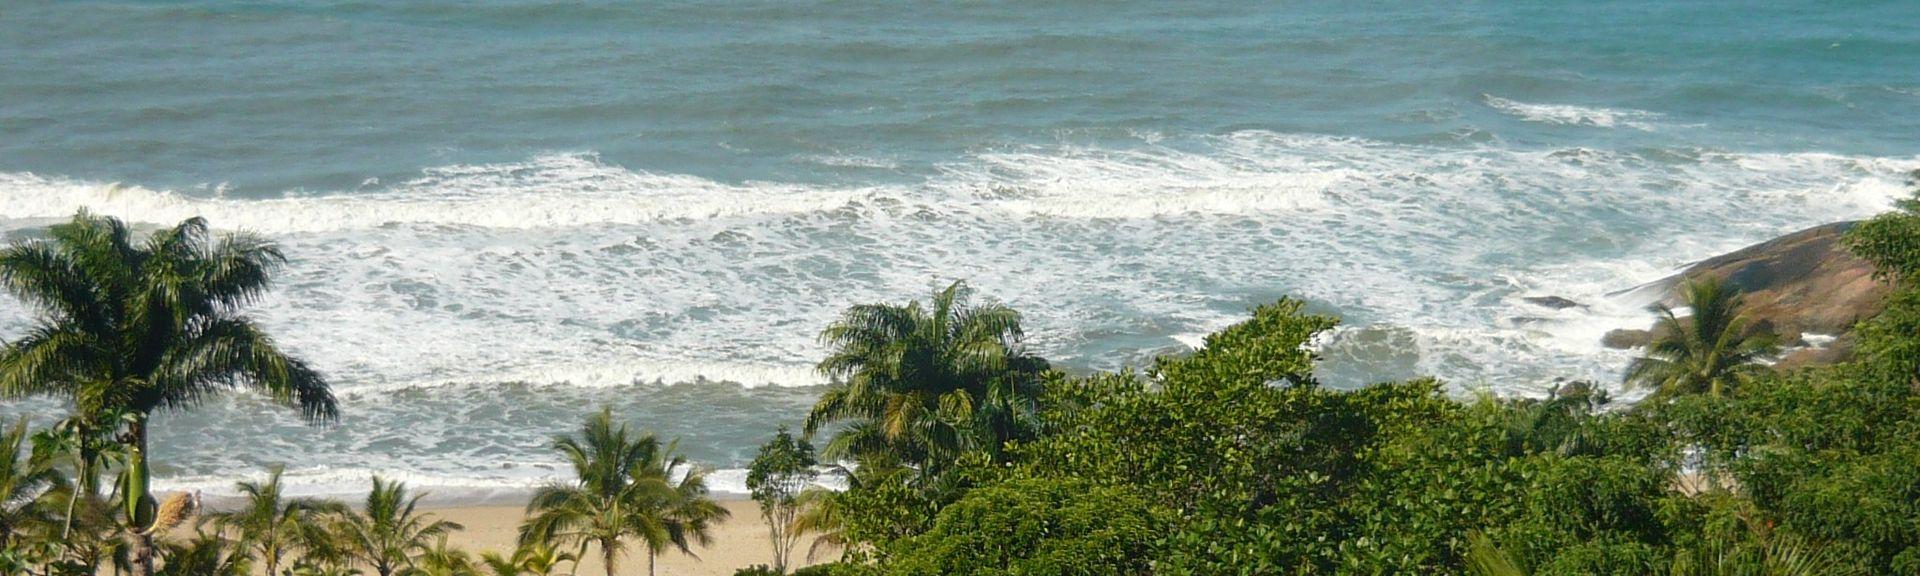 Almada Beach, Ubatuba, Brazil